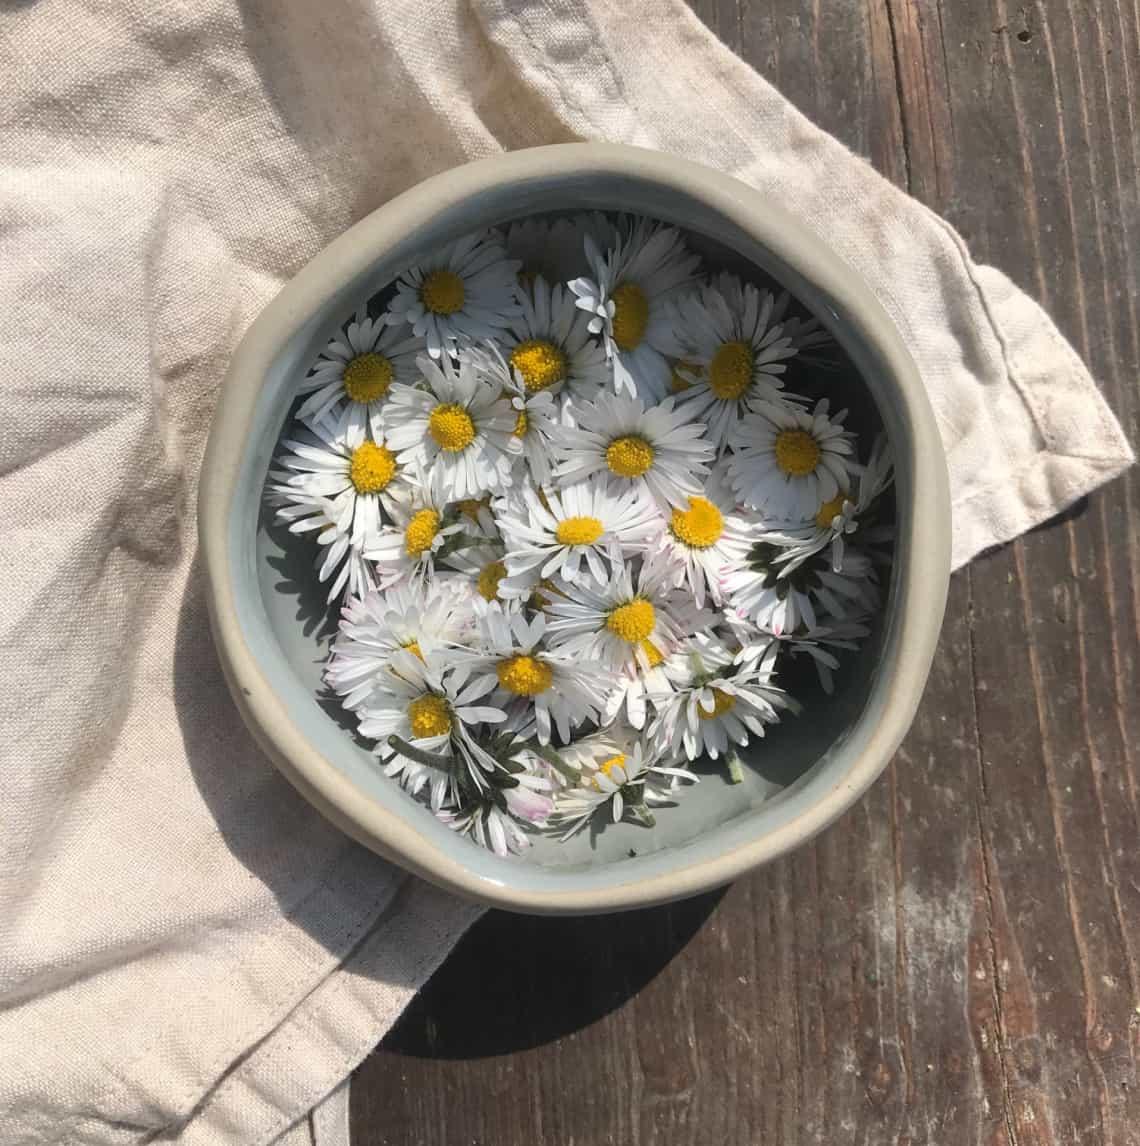 8 Lợi ích bất ngờ của hoa cúc đối với làn da của bạn